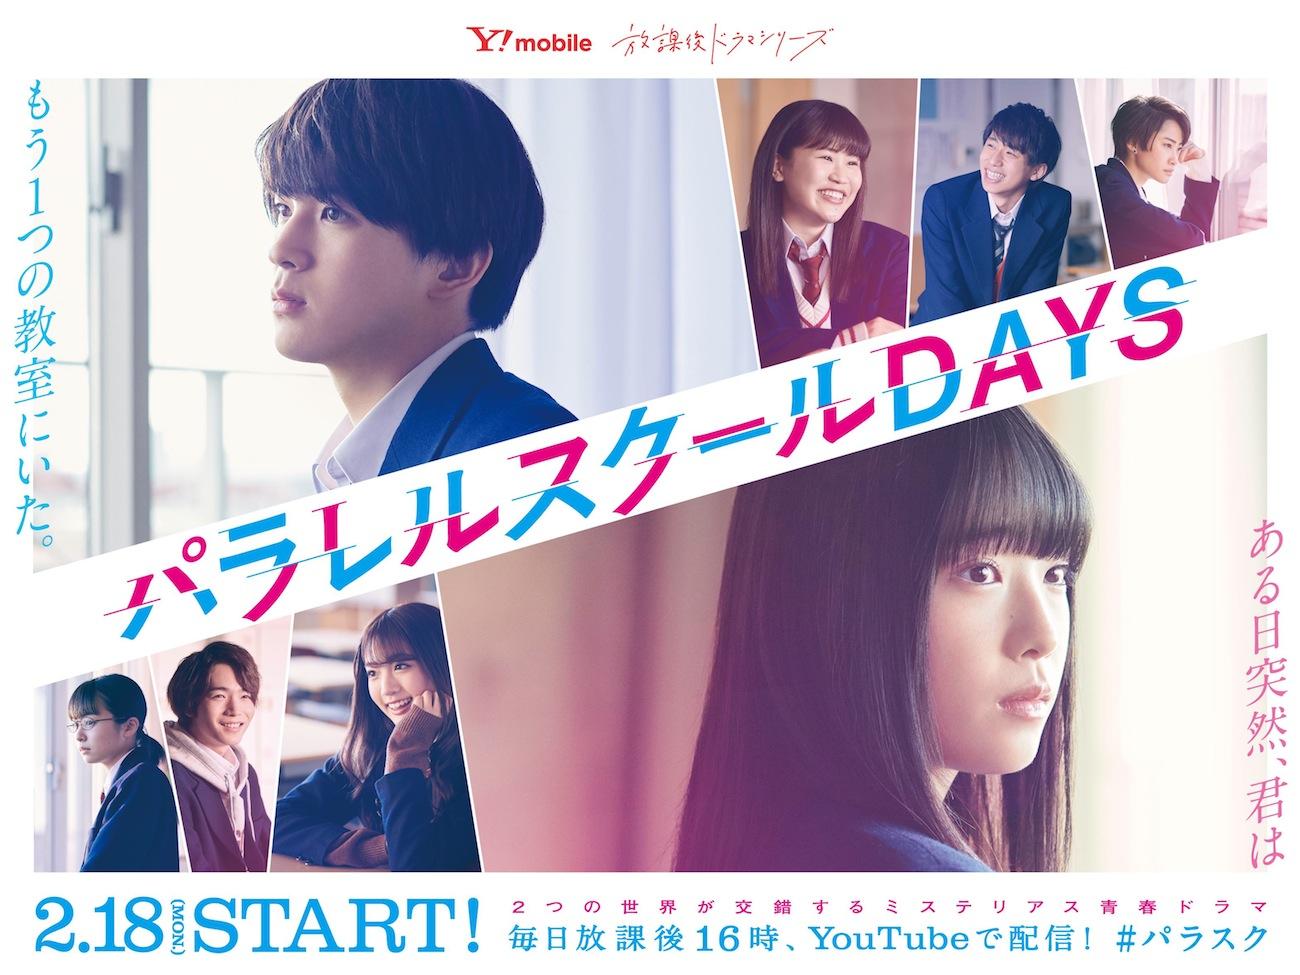 Y!mobile放課後ドラマシリーズ第2弾「パラレルスクールDAYS」(#パラスク)